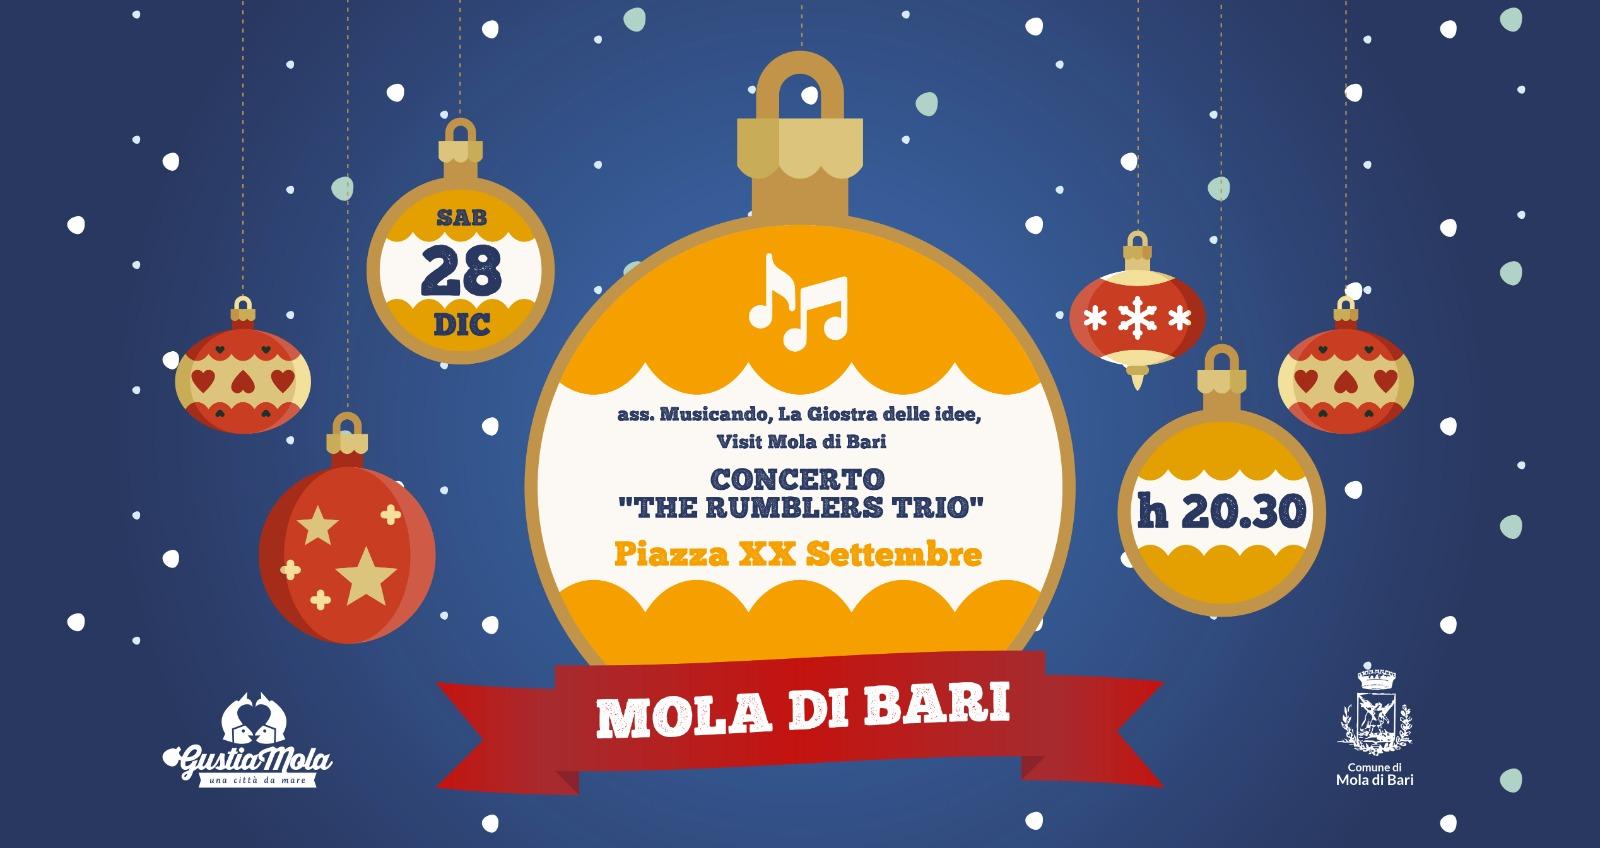 28 dicembre 2019 The Rumblers Trio Gustiamola 2019